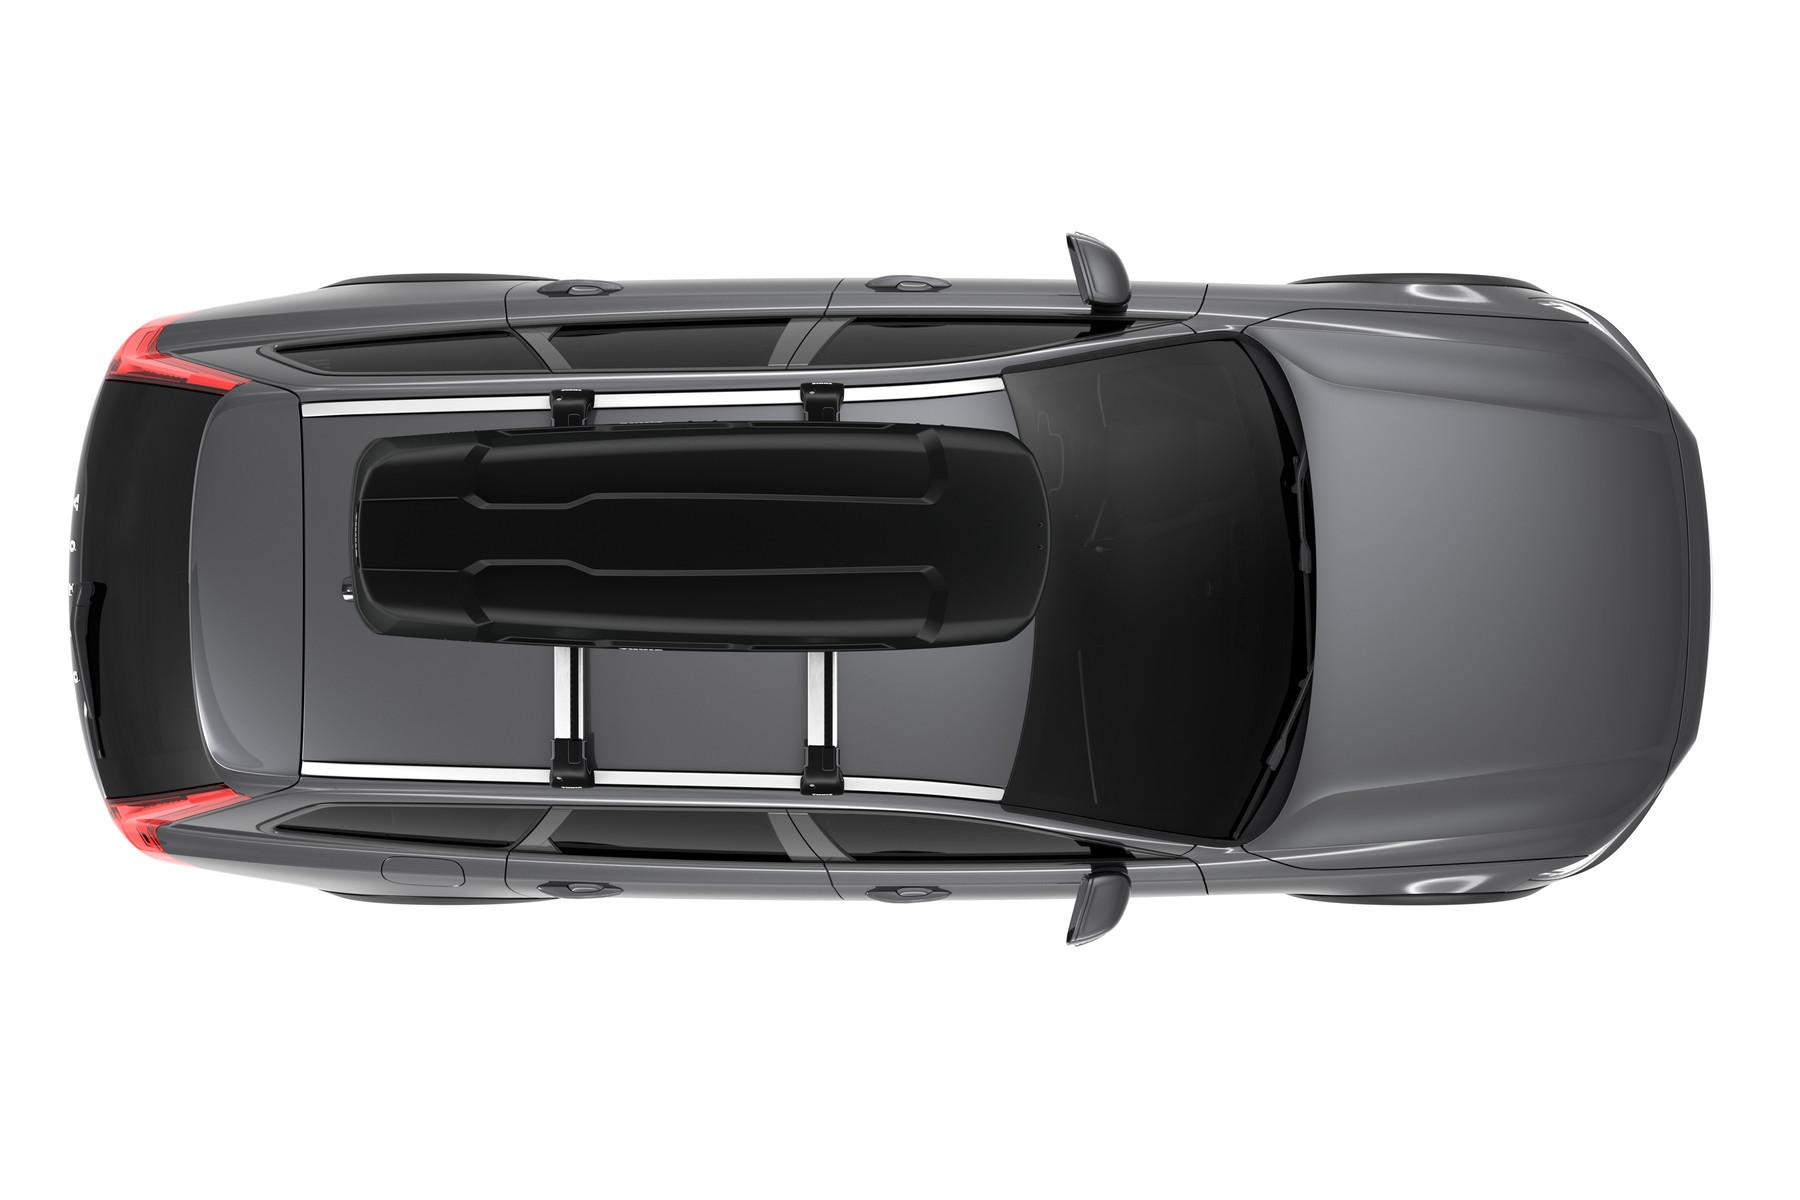 Автомобильный бокс Thule Force XT Sport ( 600 ) Чёрный матовый NEW 2018